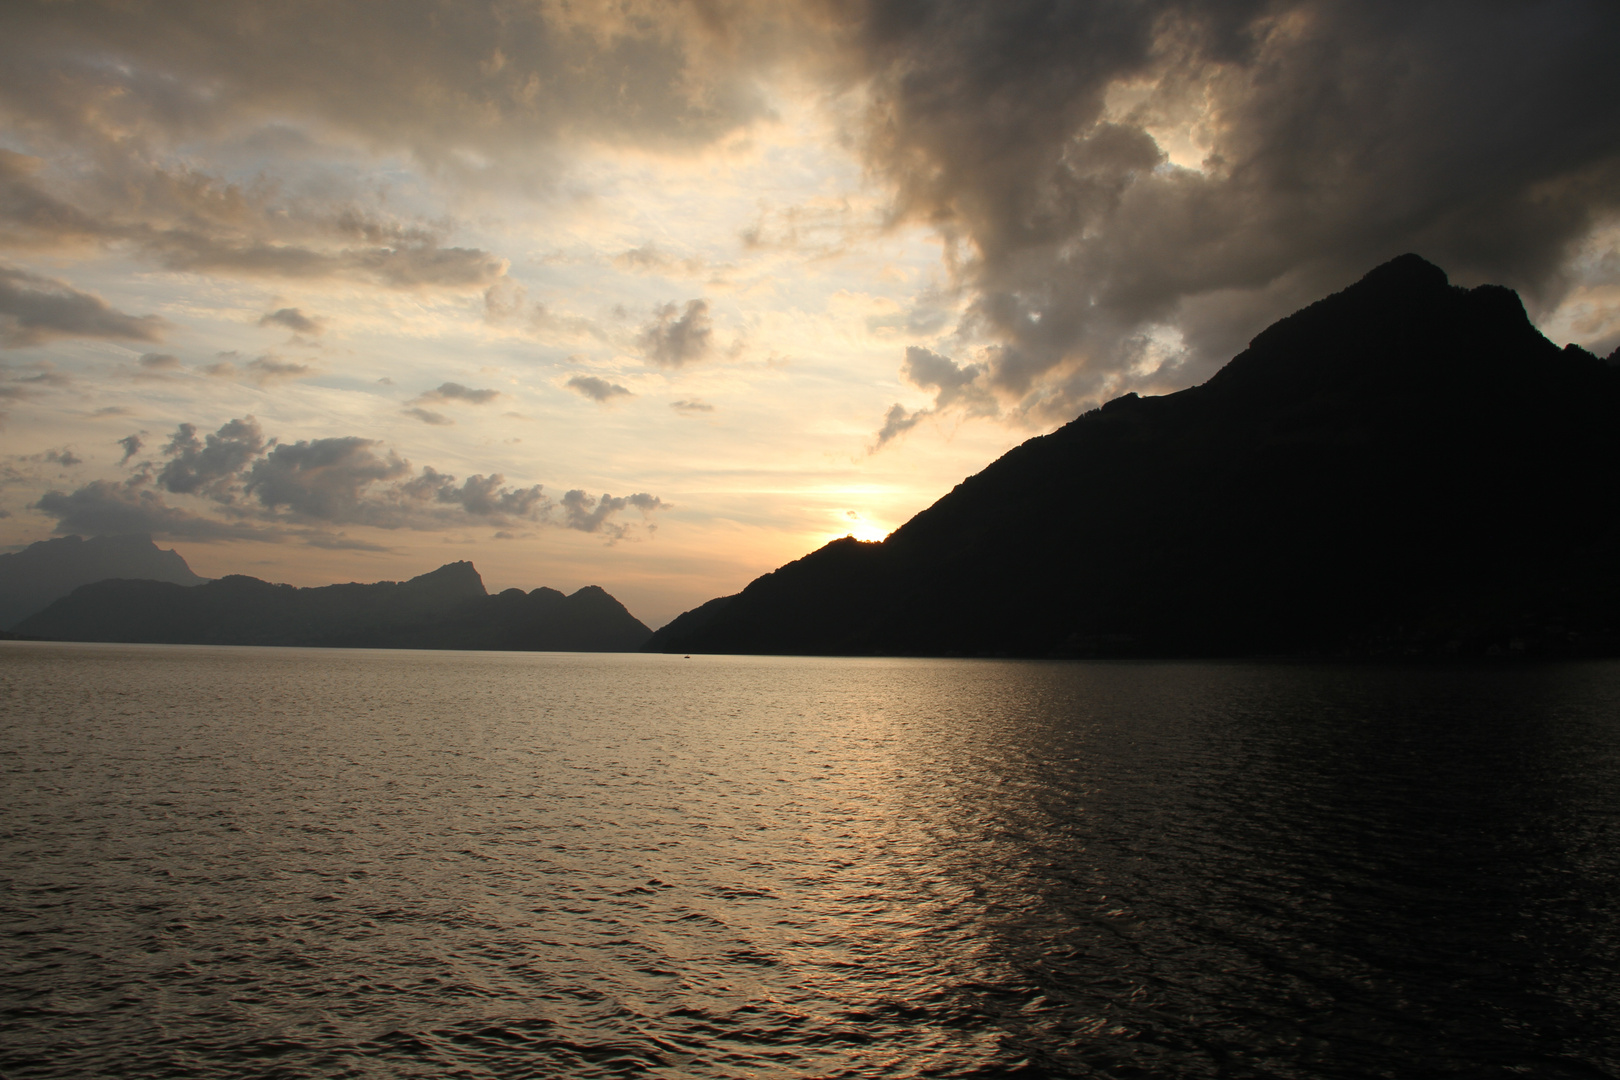 Sonnenuntergang Vierwaldstättersee 02